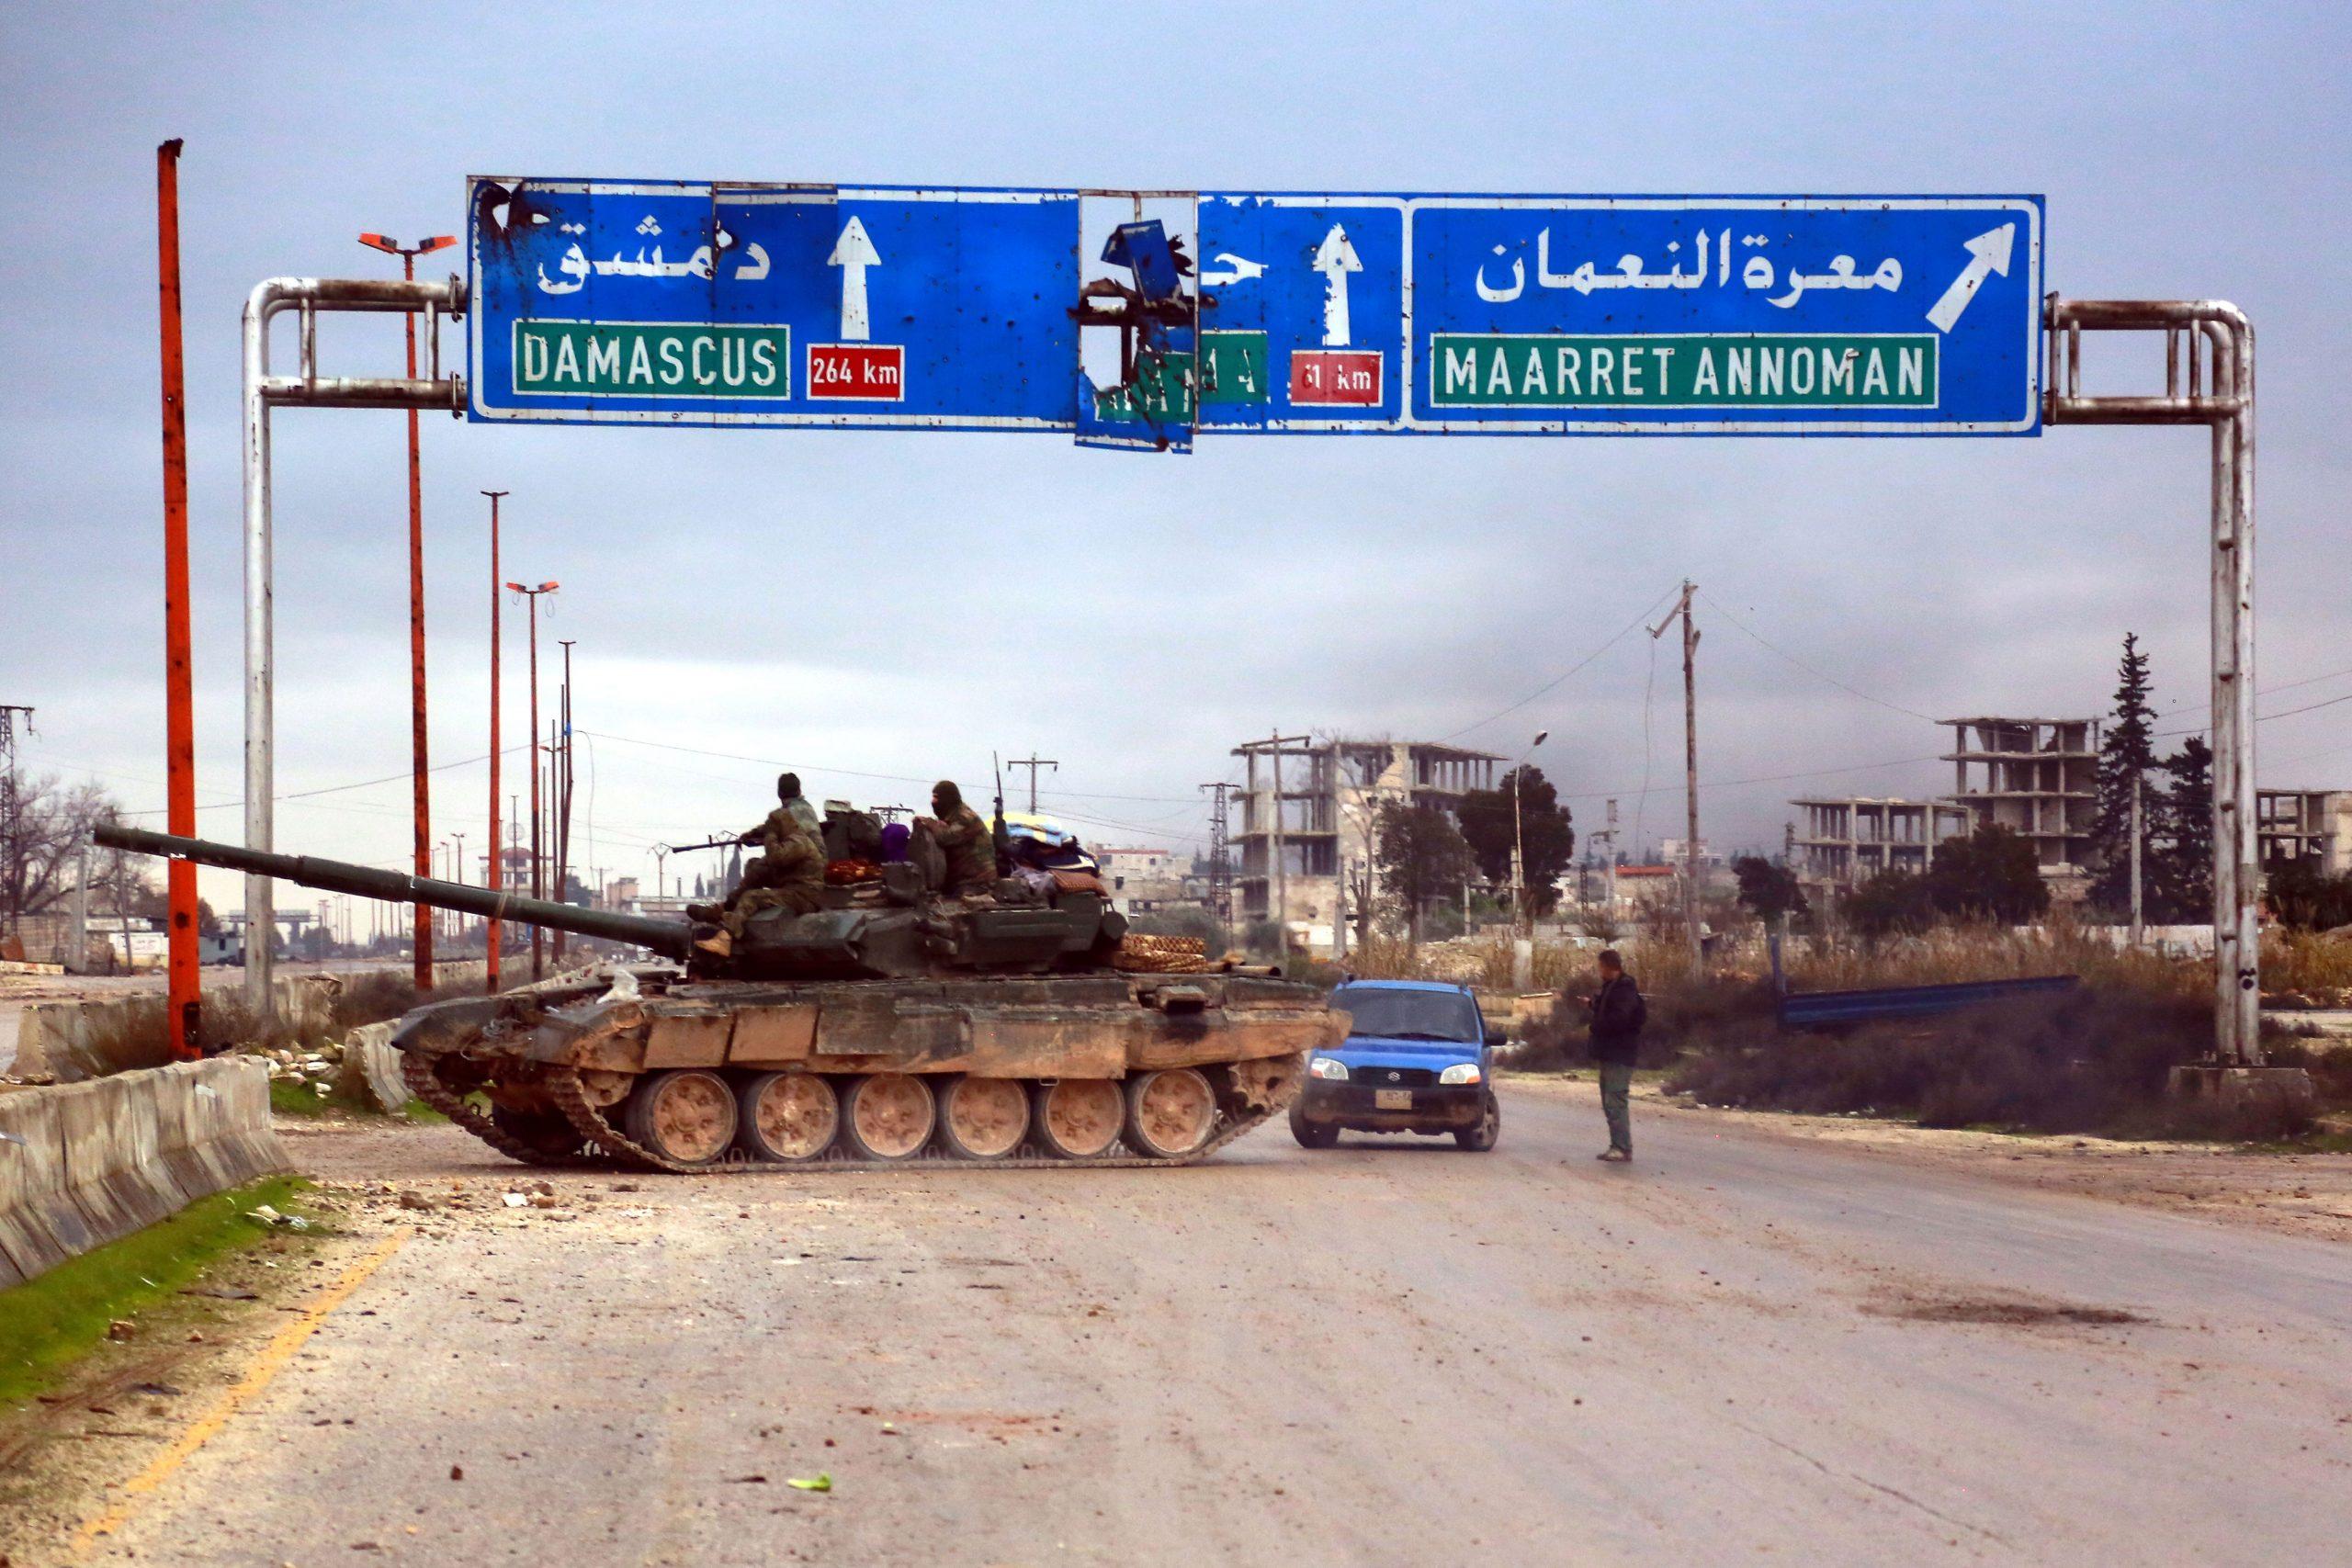 Οι εξελίξεις στη Συρία και το Ιντλίμπ και οι επιπτώσεις στο προσφυγικό